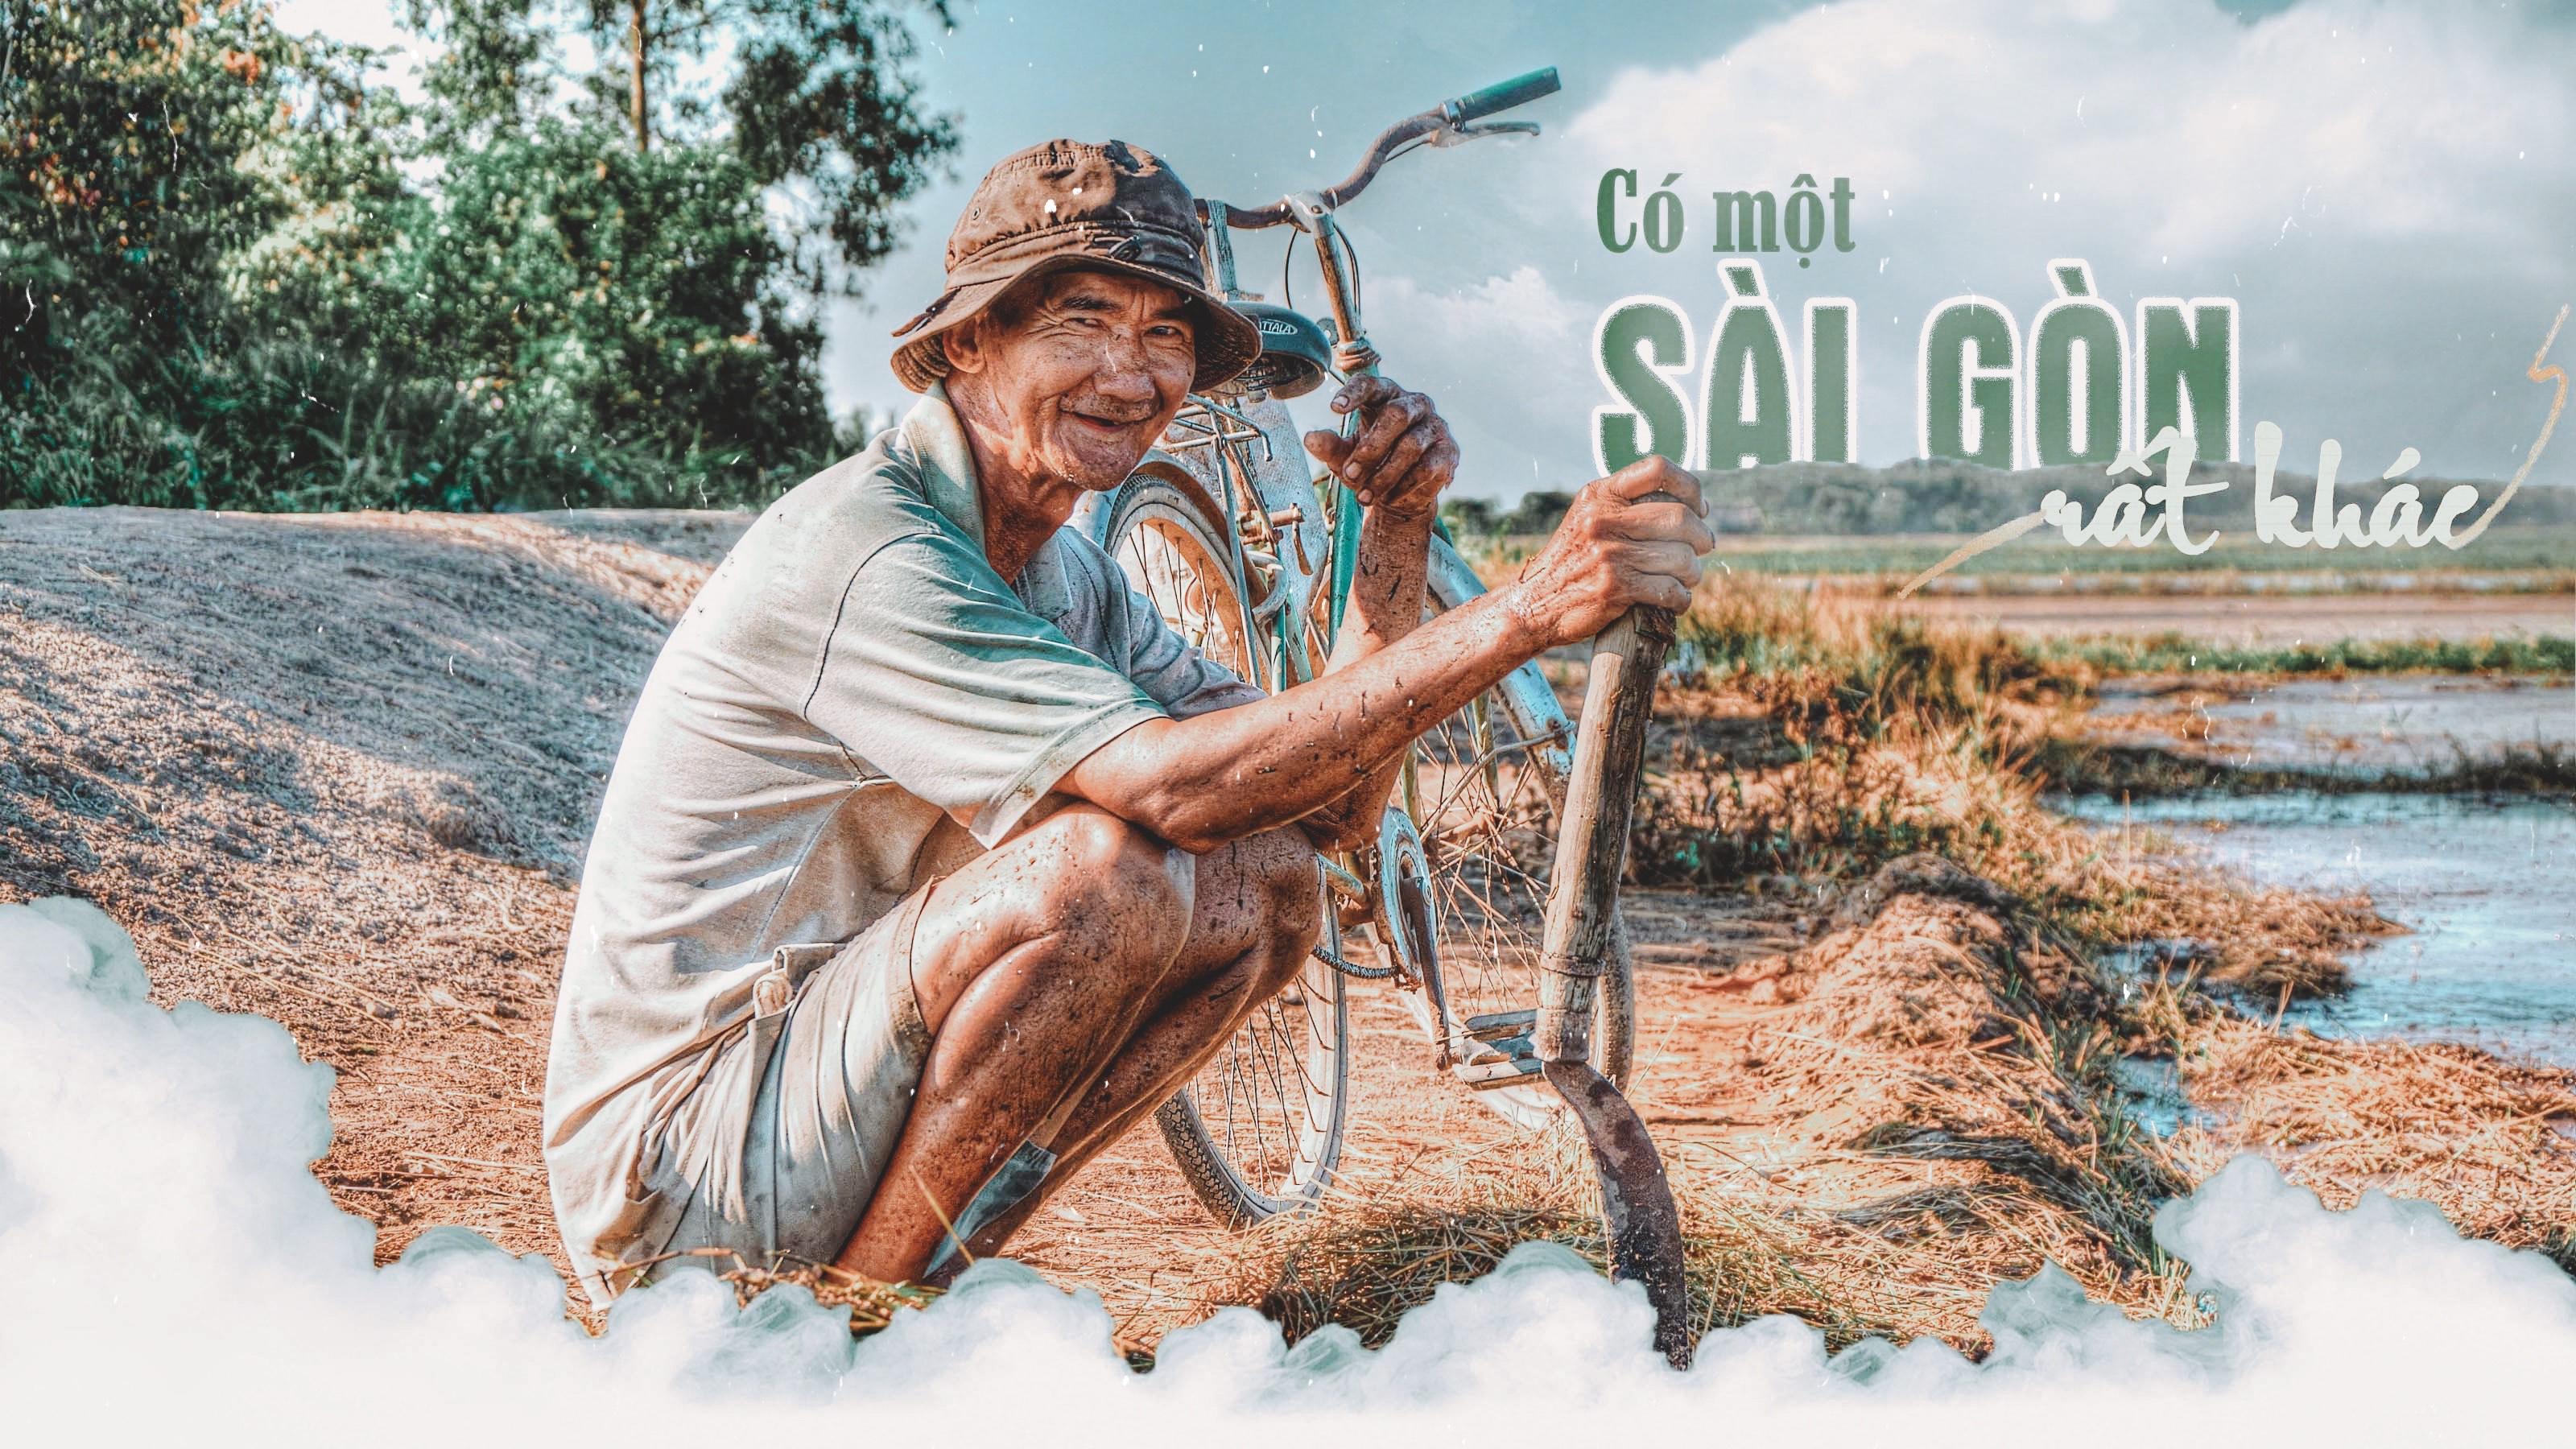 Có một Sài Gòn… rất khác